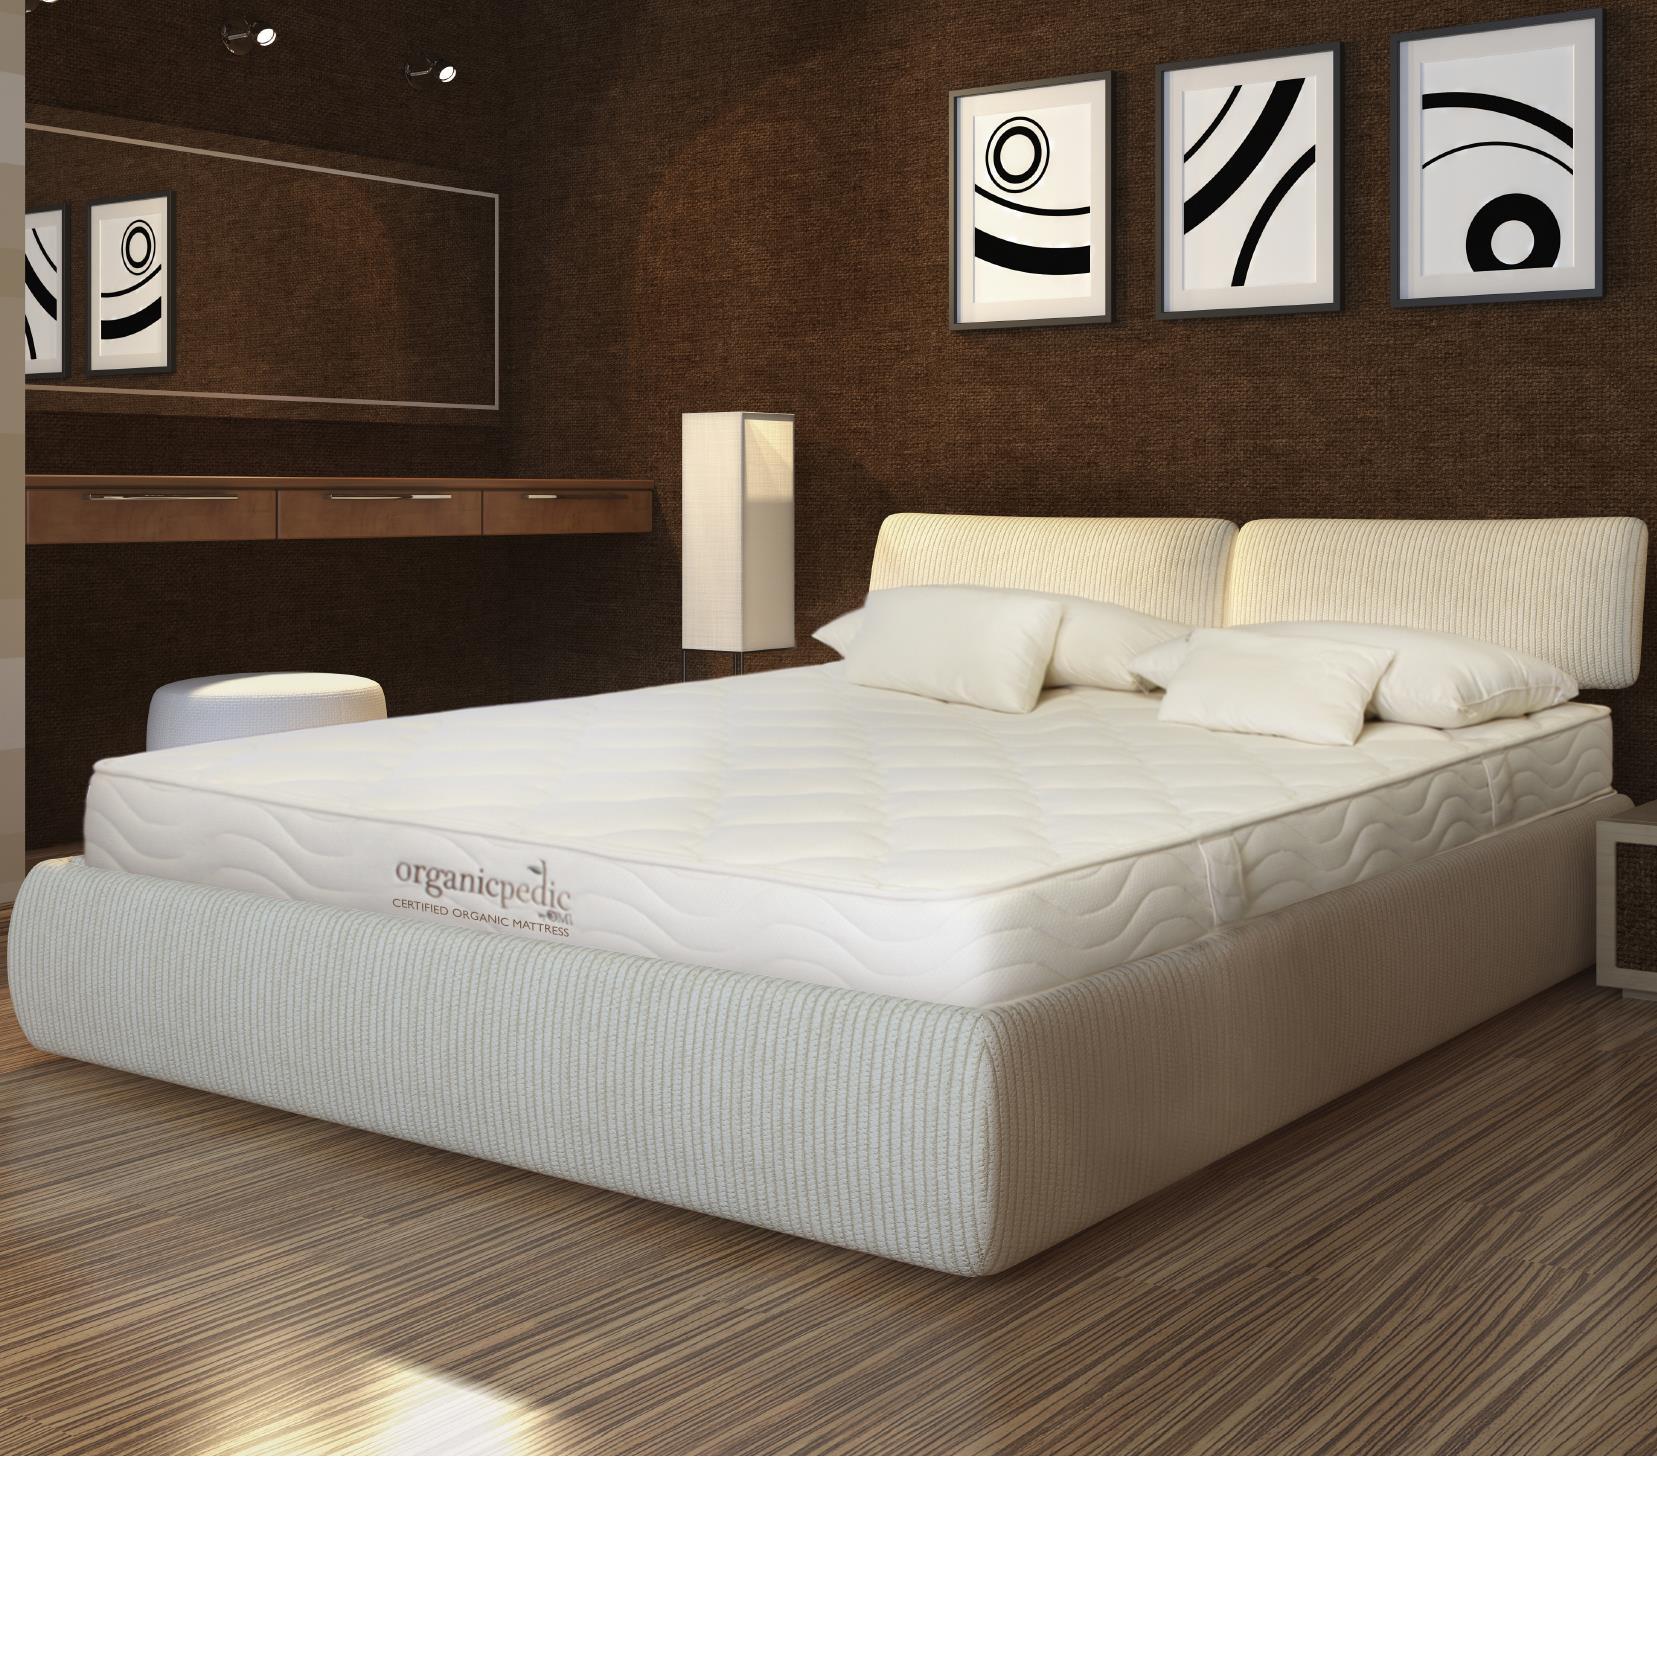 Organic Mattresses, Inc. (OMI) Midori Twin XL Firm Set - Item Number: 38MSO-2N